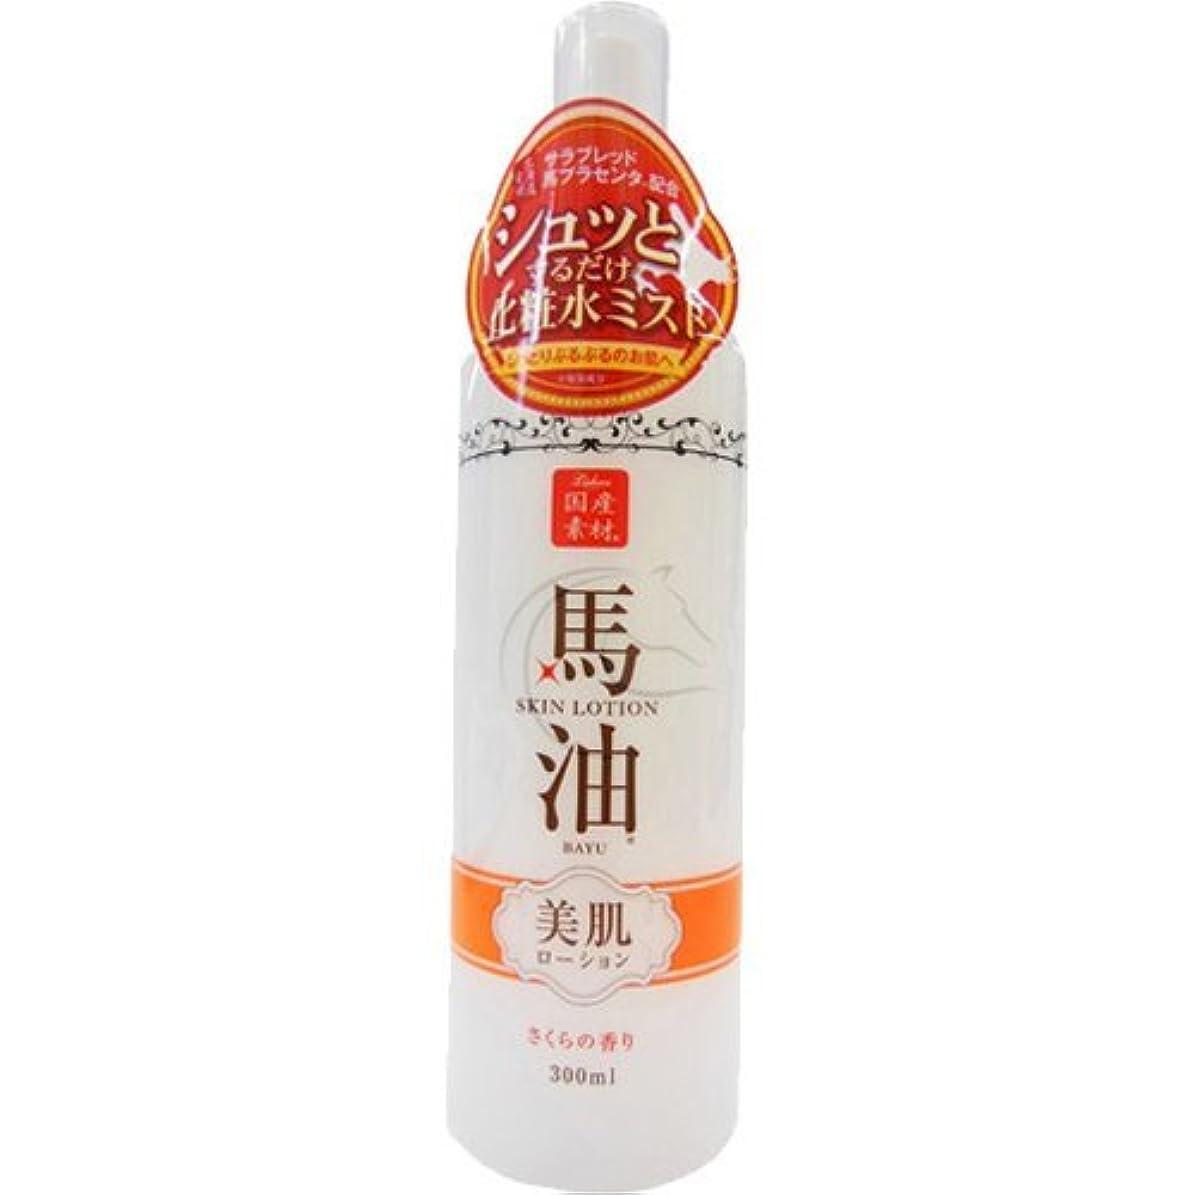 安いです冷笑する警官リシャン 馬油化粧水 さくらの香り 300mL